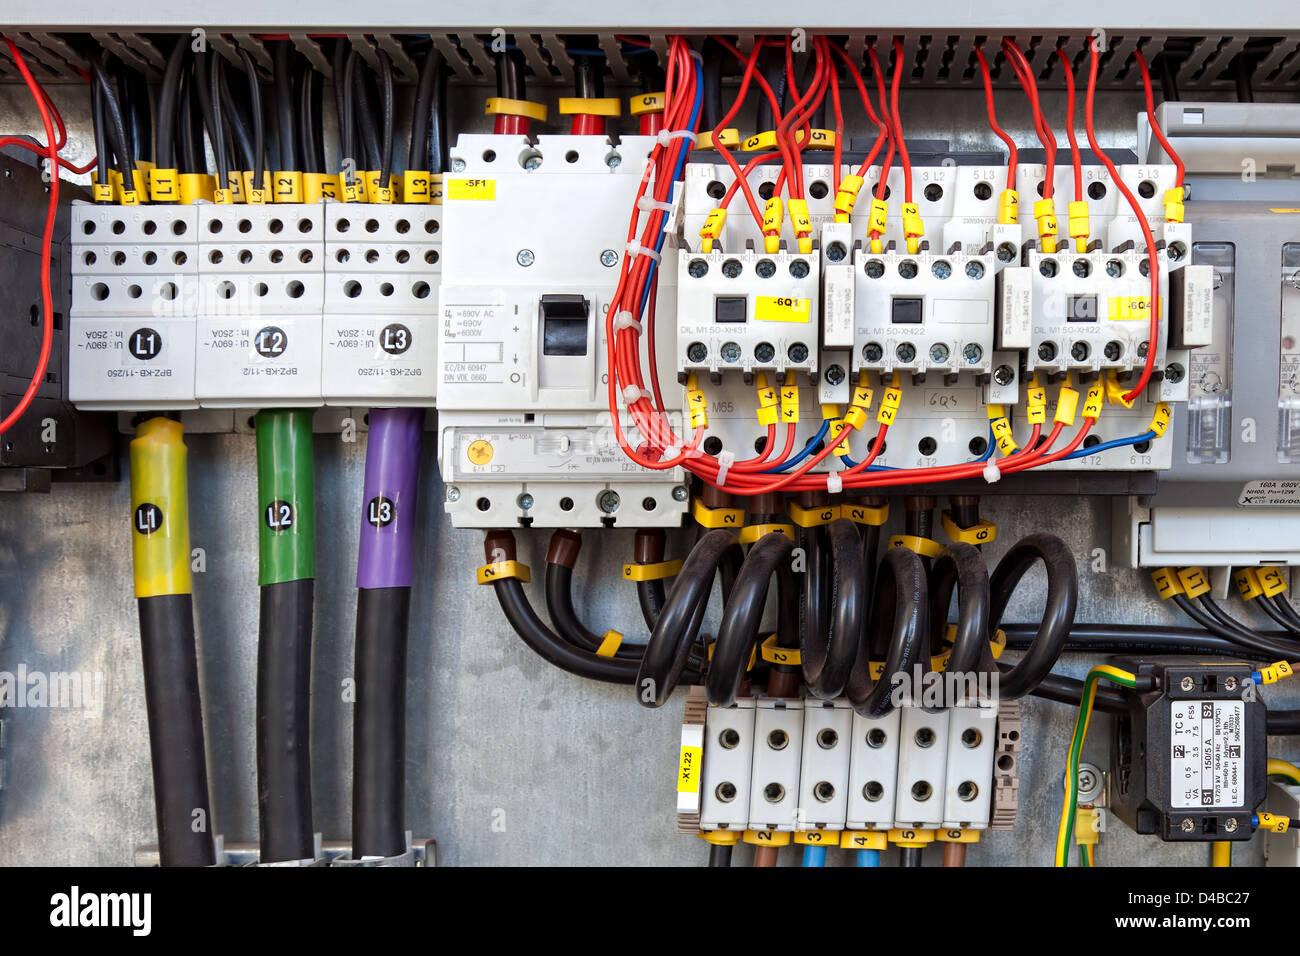 Großartig Elektrische Schalttafelverdrahtung Fotos - Der Schaltplan ...